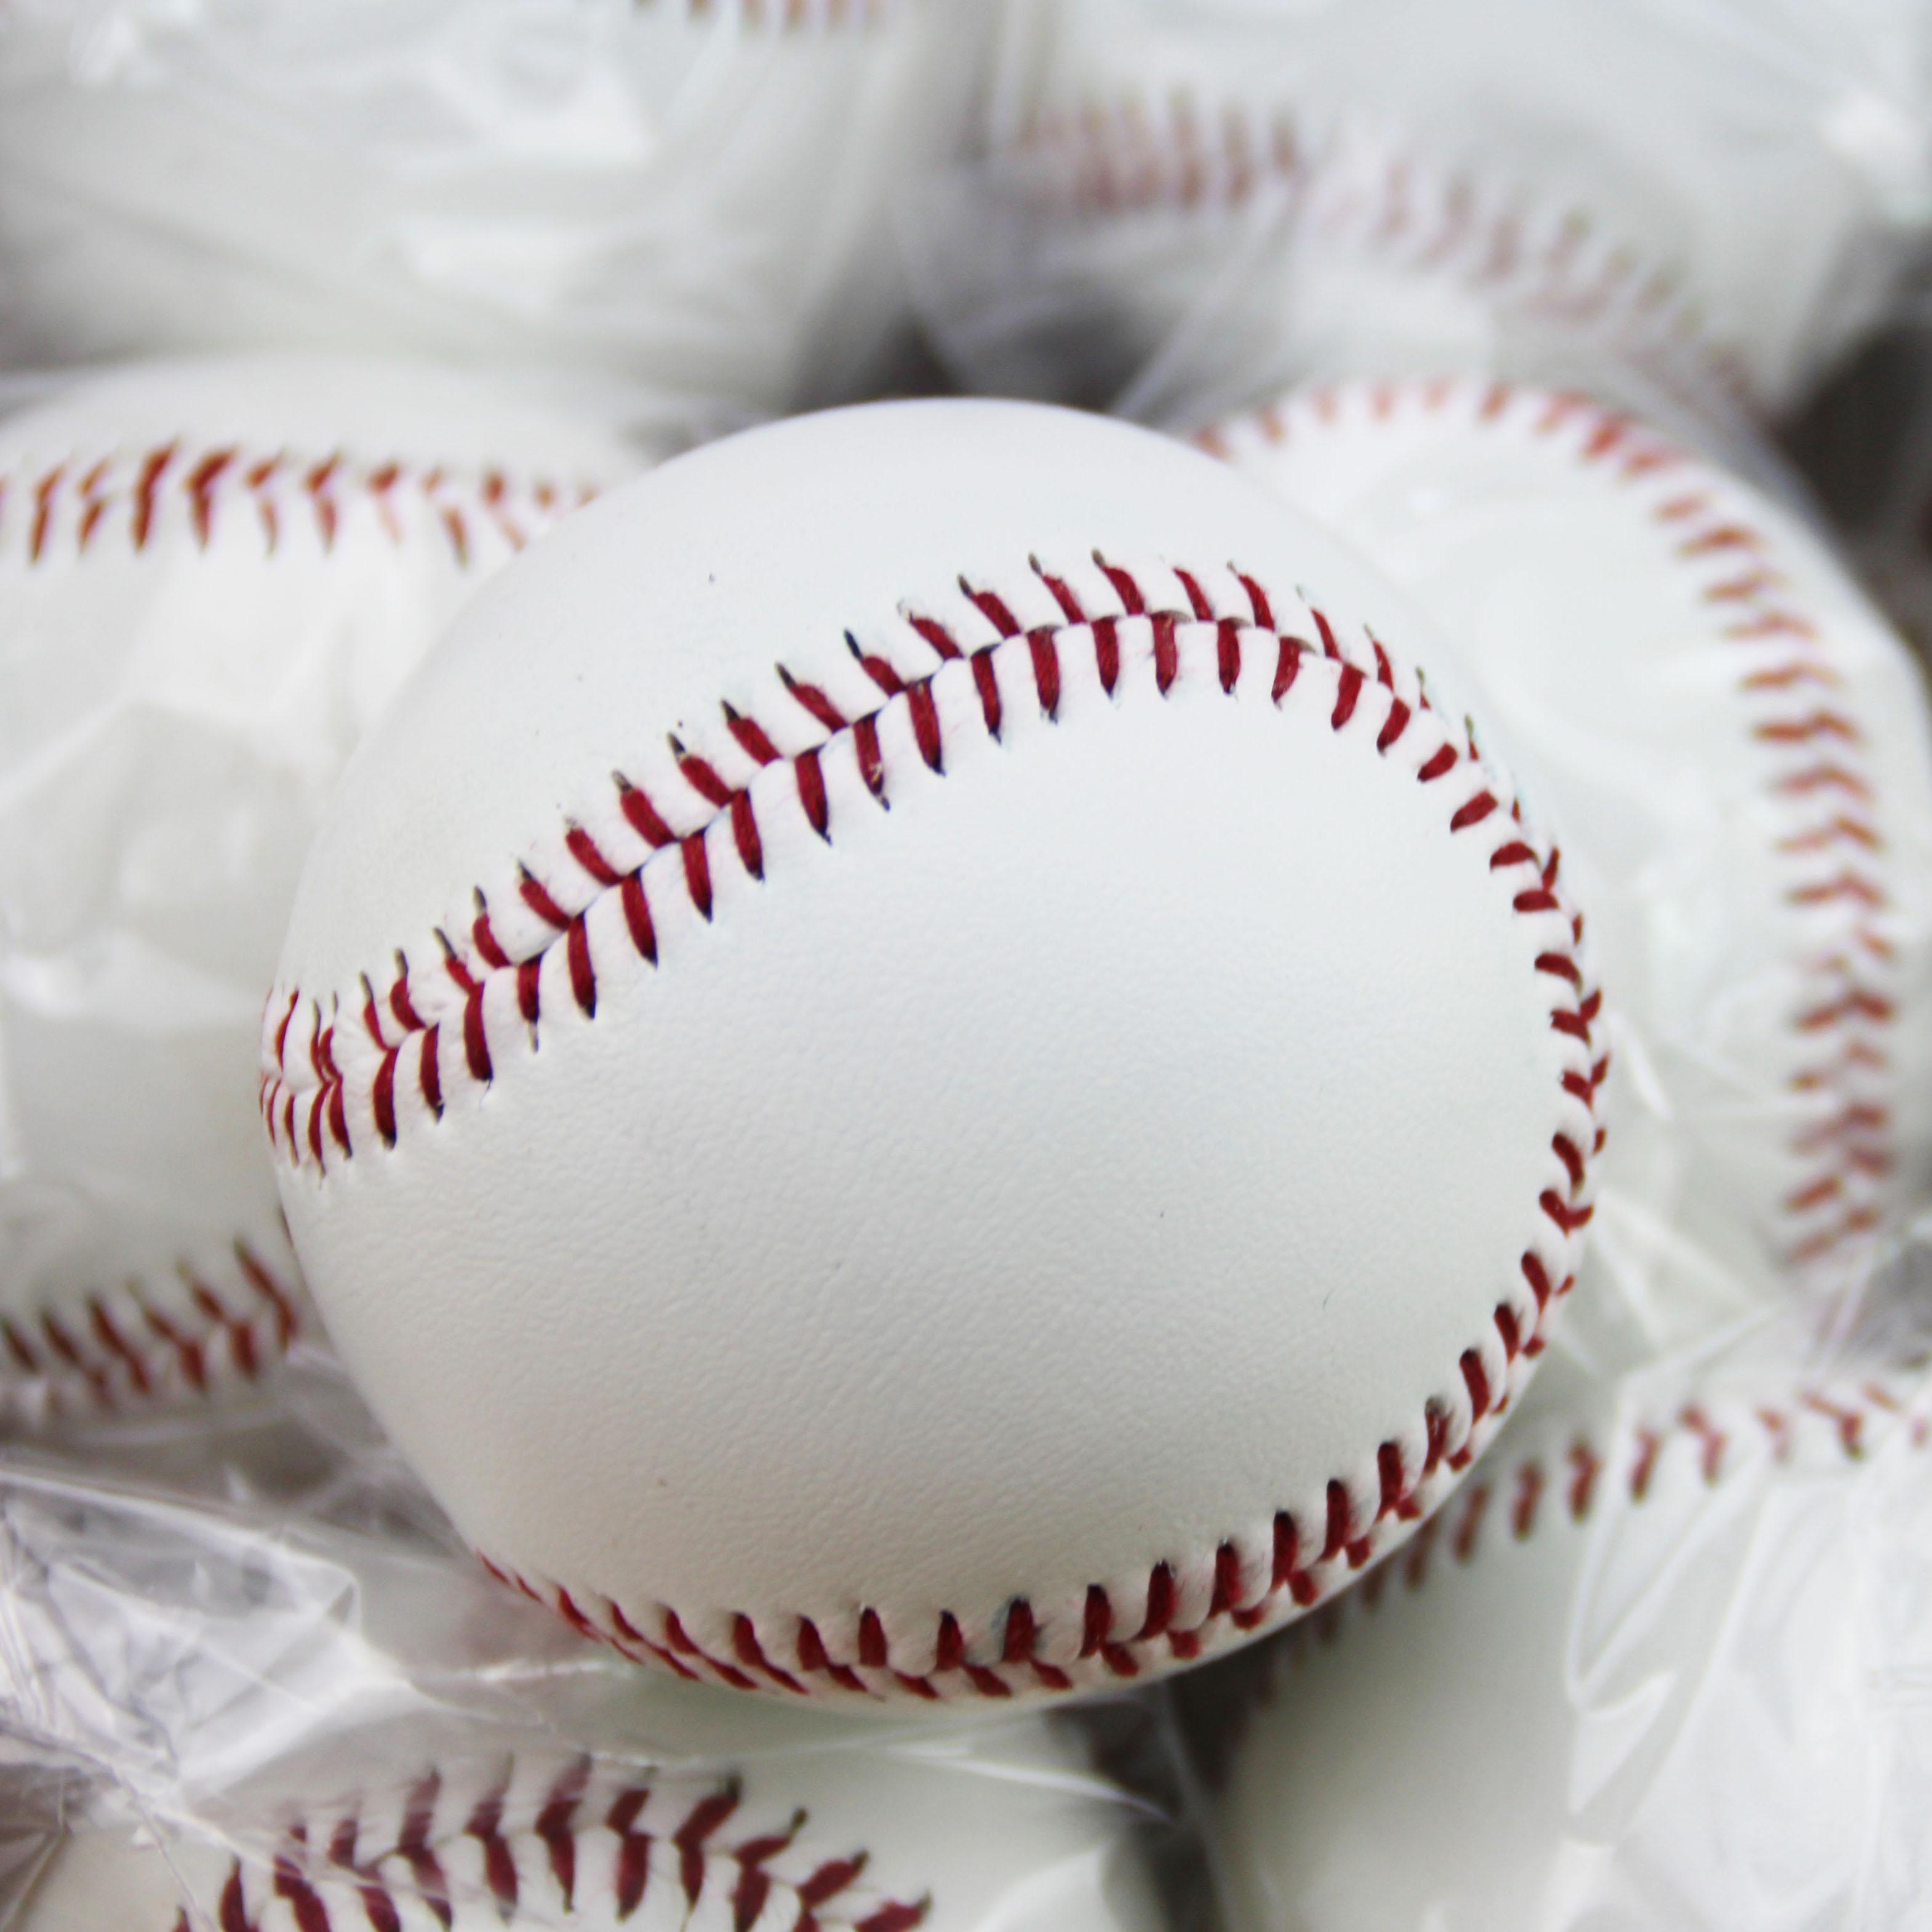 Шить 9 количество мягкий стиль бейсбол RAWLINGS PVC жесткий стиль мяч завод из зазор себестоимости продавать